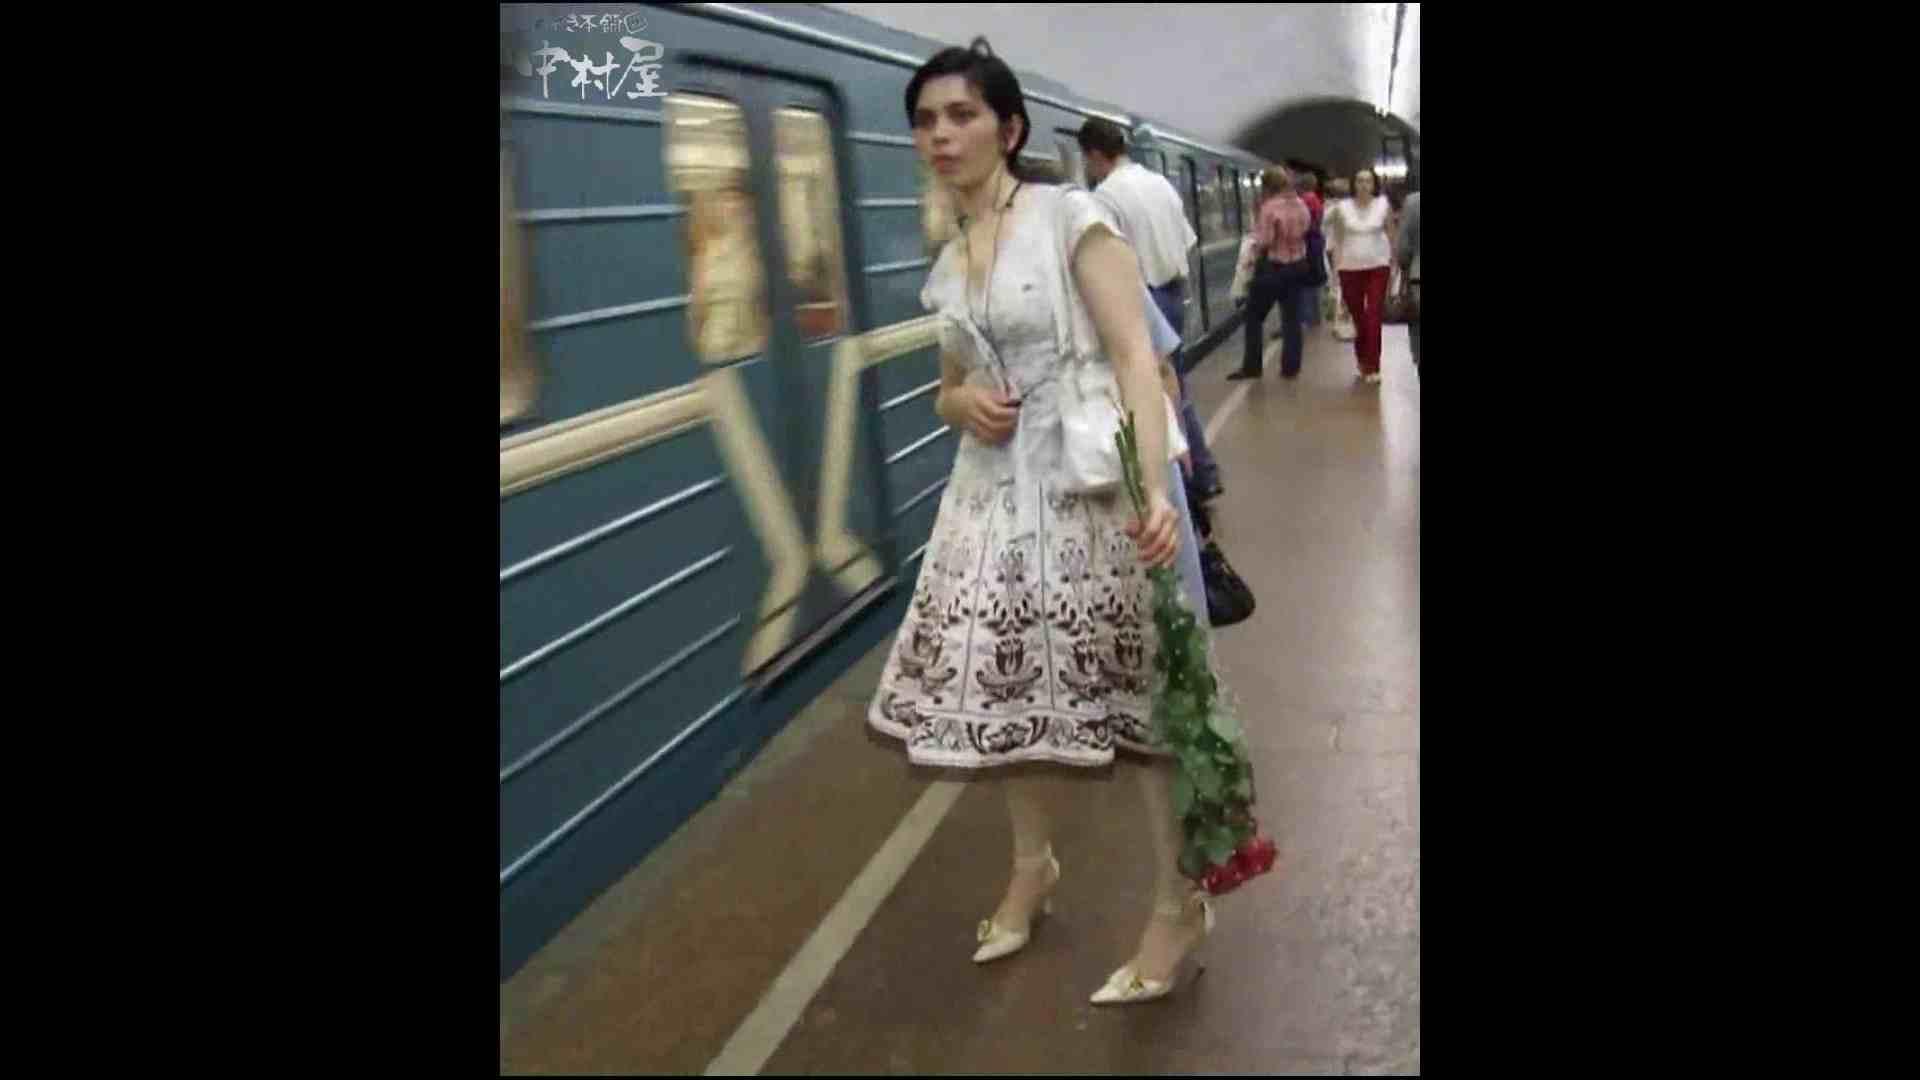 綺麗なモデルさんのスカート捲っちゃおう‼ vol11 お姉さんヌード | OLセックス  94画像 87